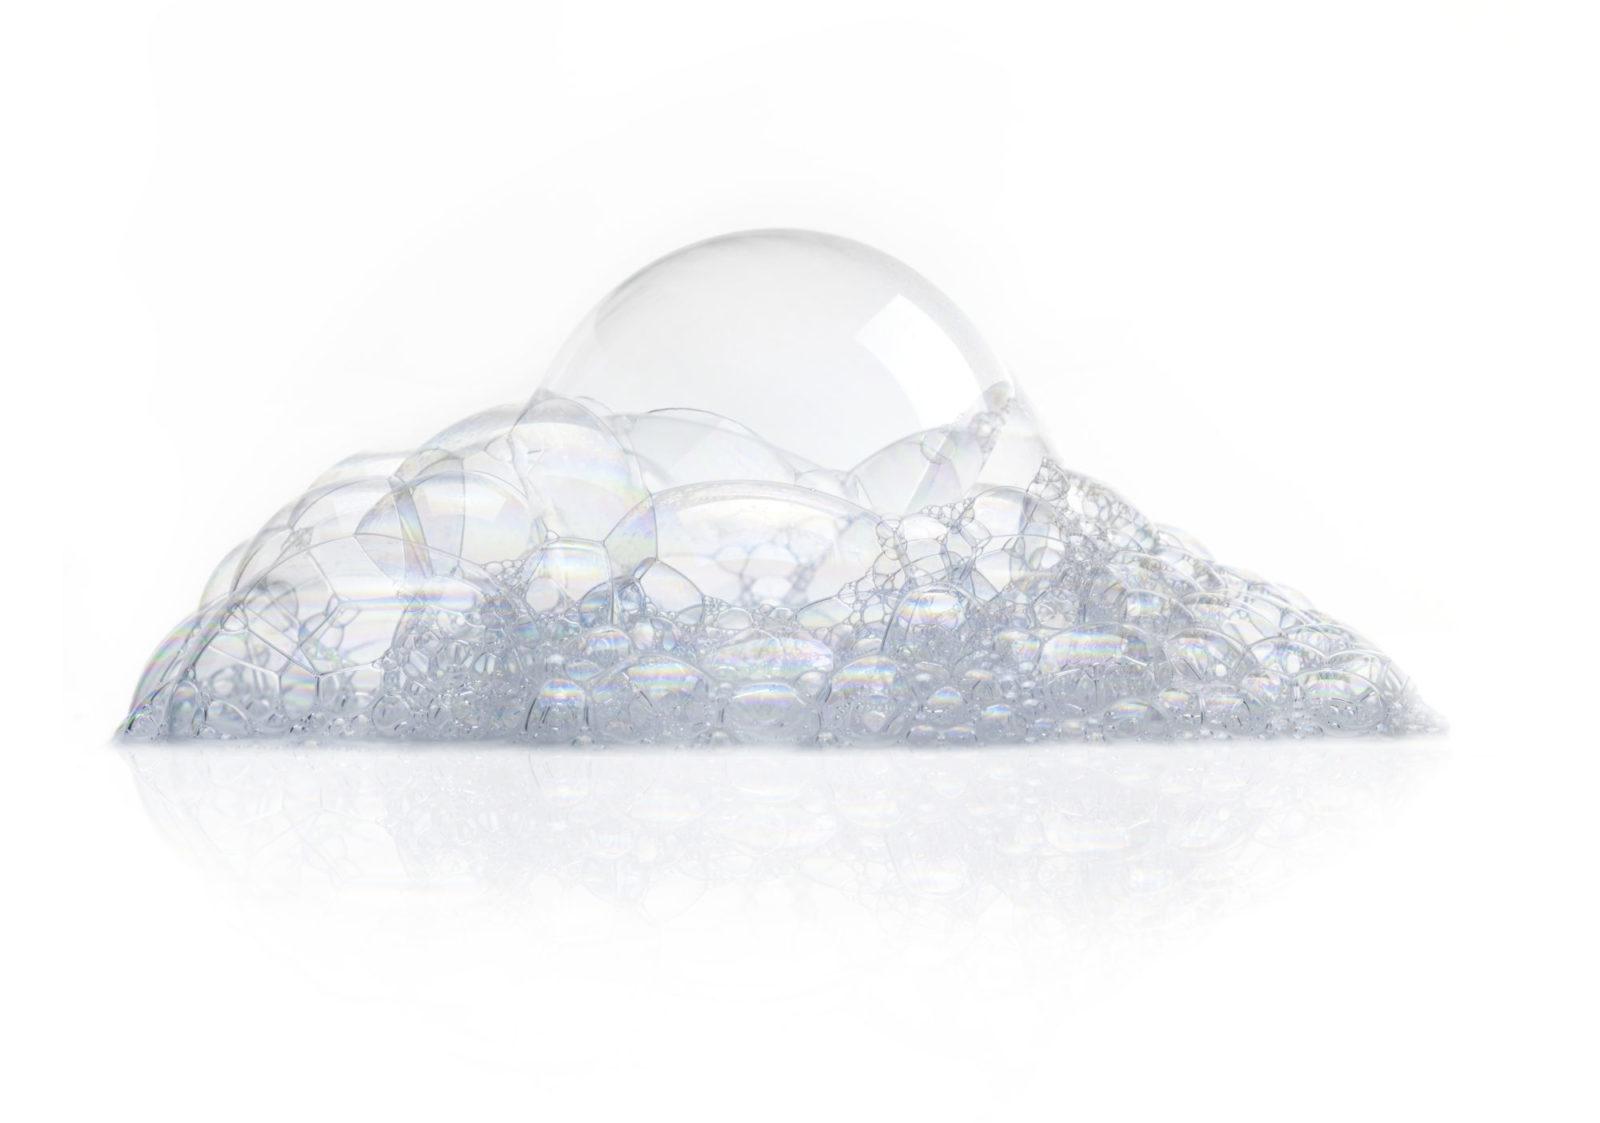 product bubbles